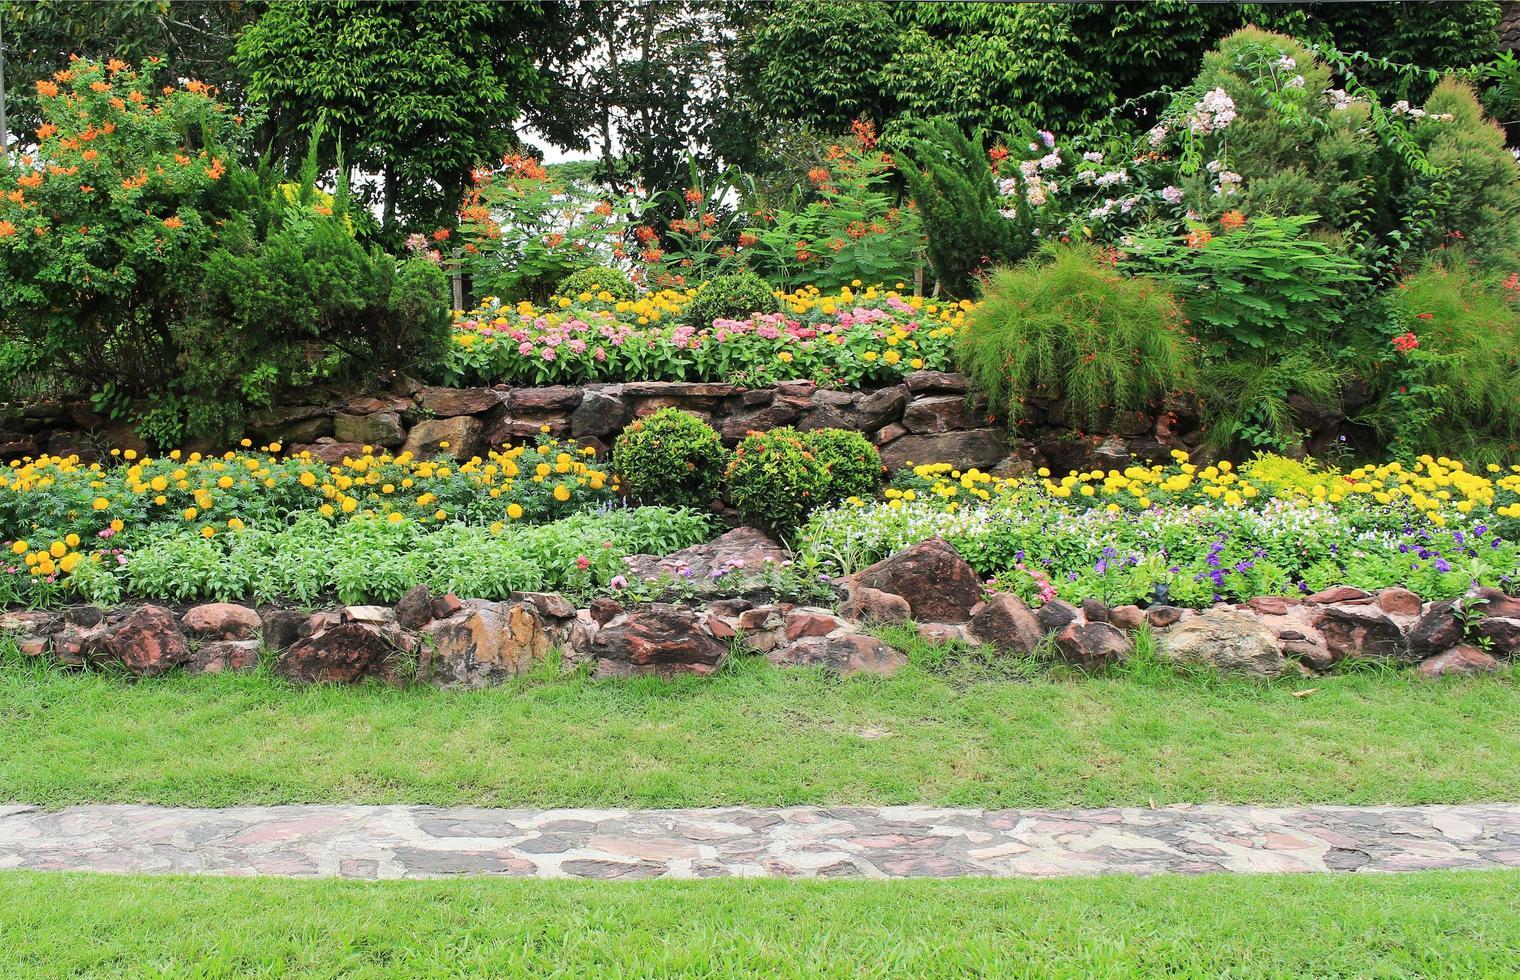 canteiros de flores coloridos e caminho foto